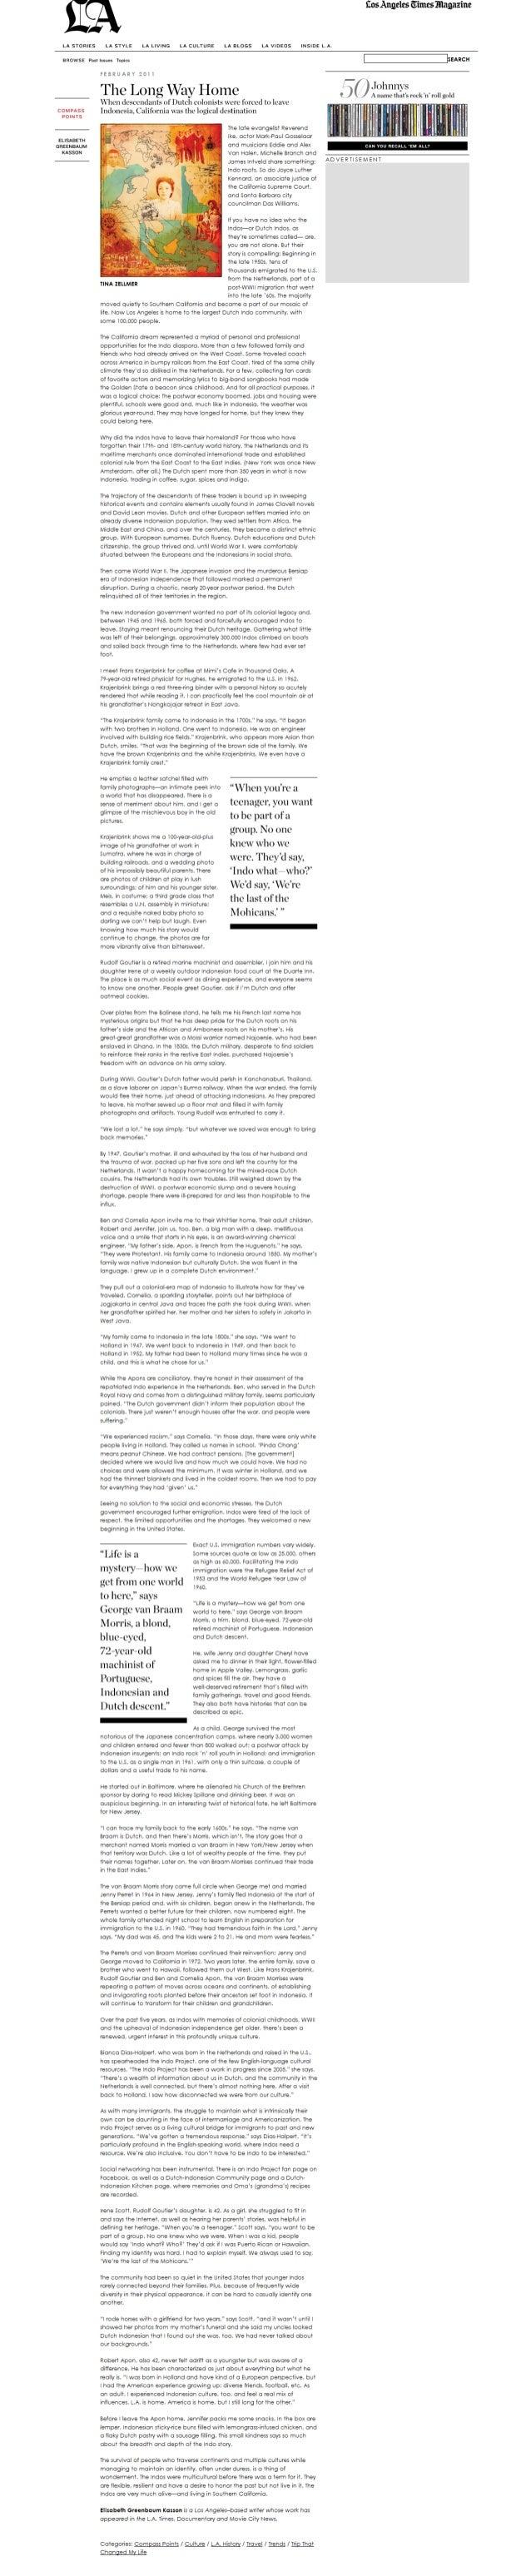 LA STORIES LA STYLE LA LIVING LA CULTURE LA BLOGS LA VIDEOS INSIDE L. A.  snows:  Pm Issues Topic:  SEARCH  FEBRUARY 2011 ...